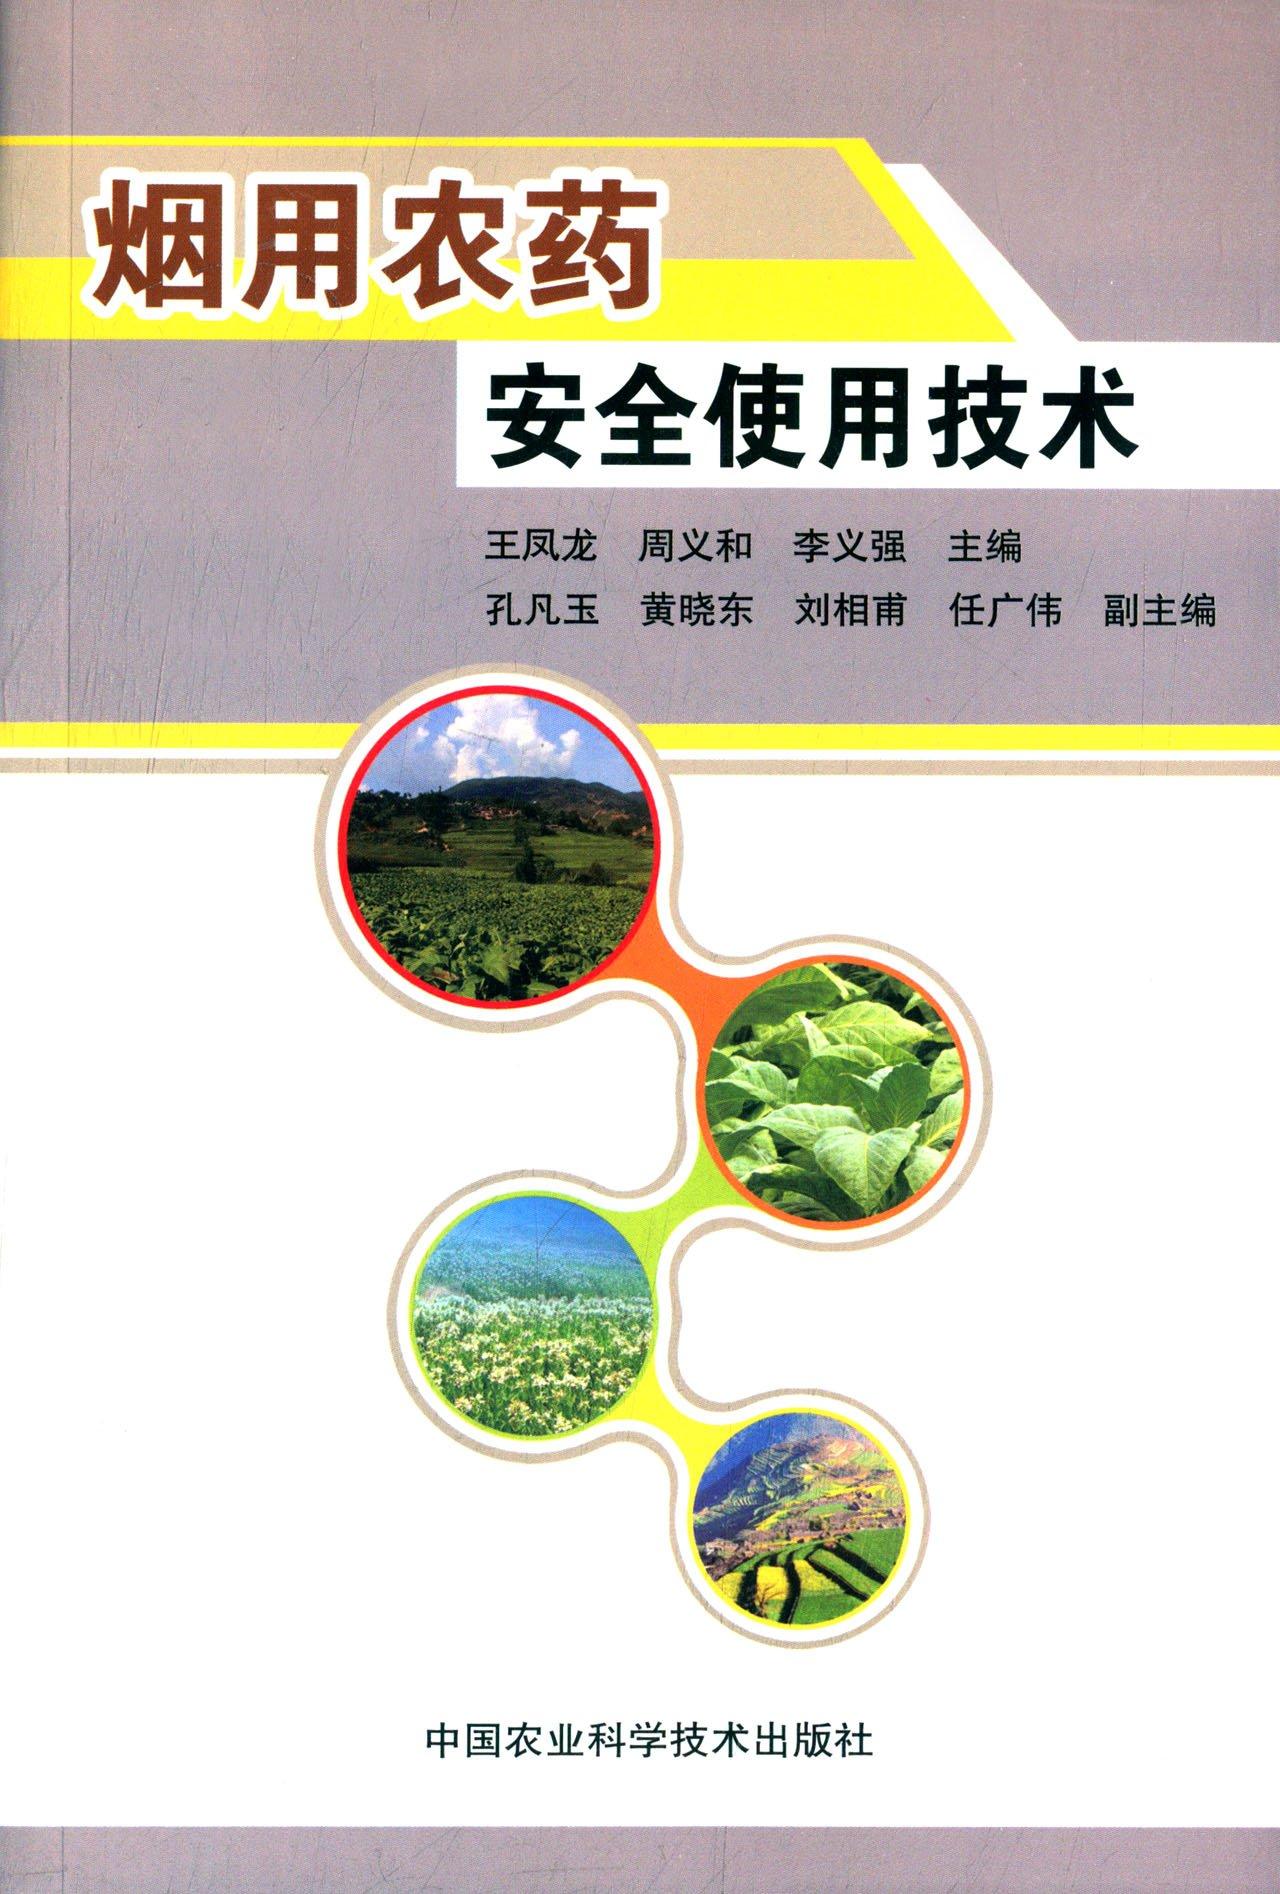 Thuốc trừ sâu   Thuốc dùng công nghệ an toàn sử dụng thuốc trừ sâu paperback – 1 tháng 12 năm 2014.